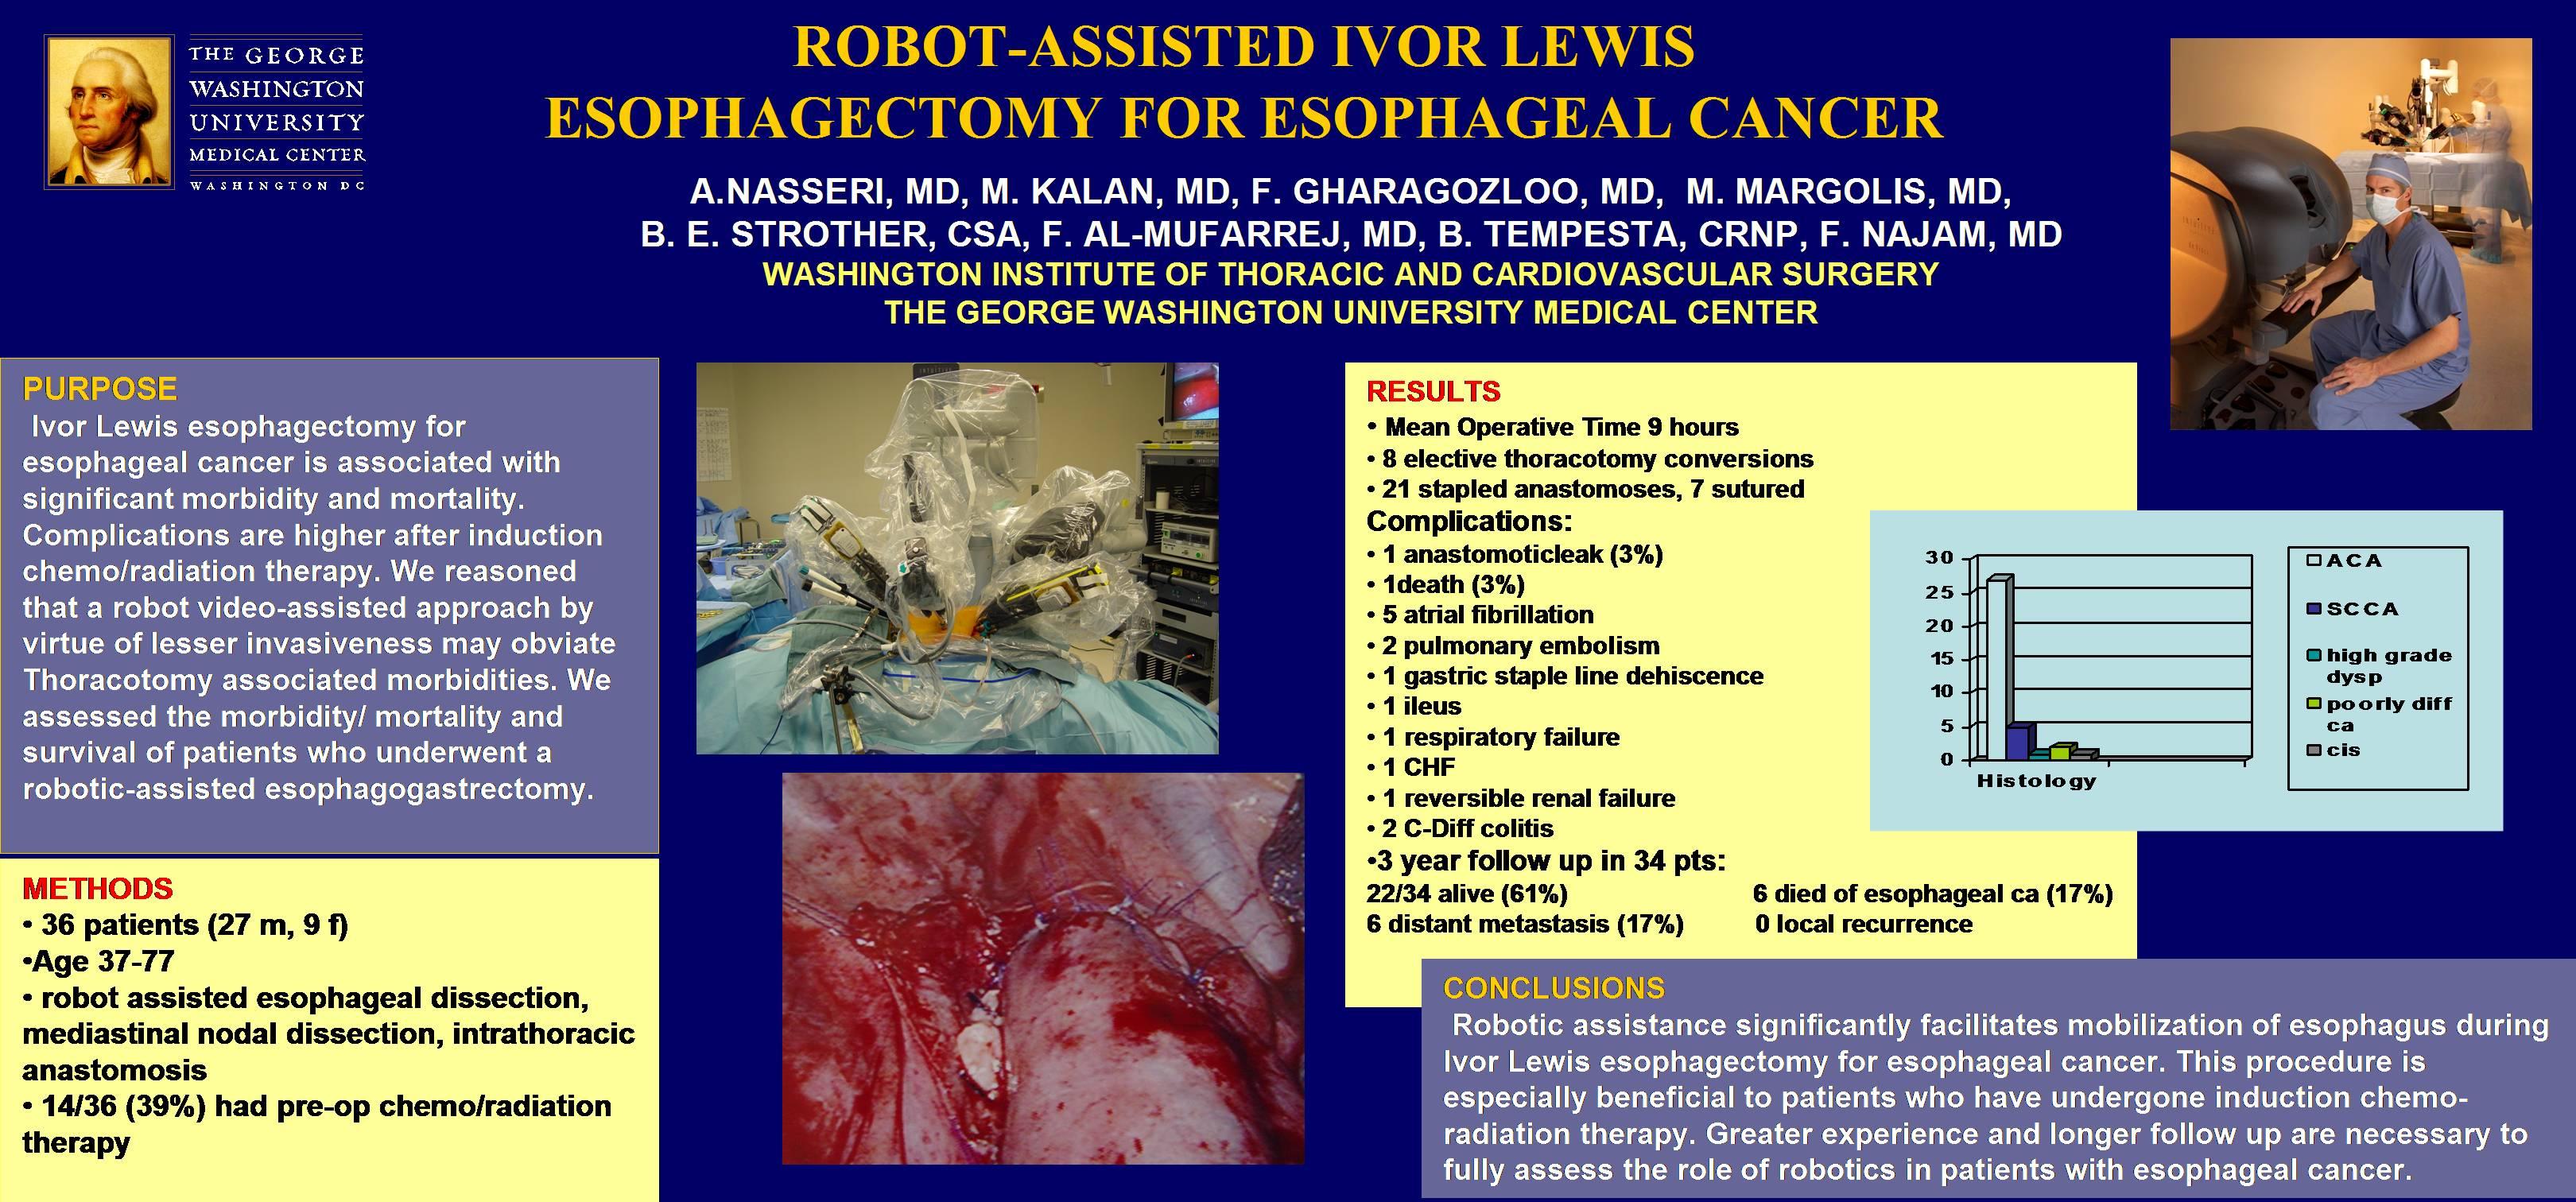 Robot-Assisted Ivor Lewis Esophagogastrectomy for Esophageal